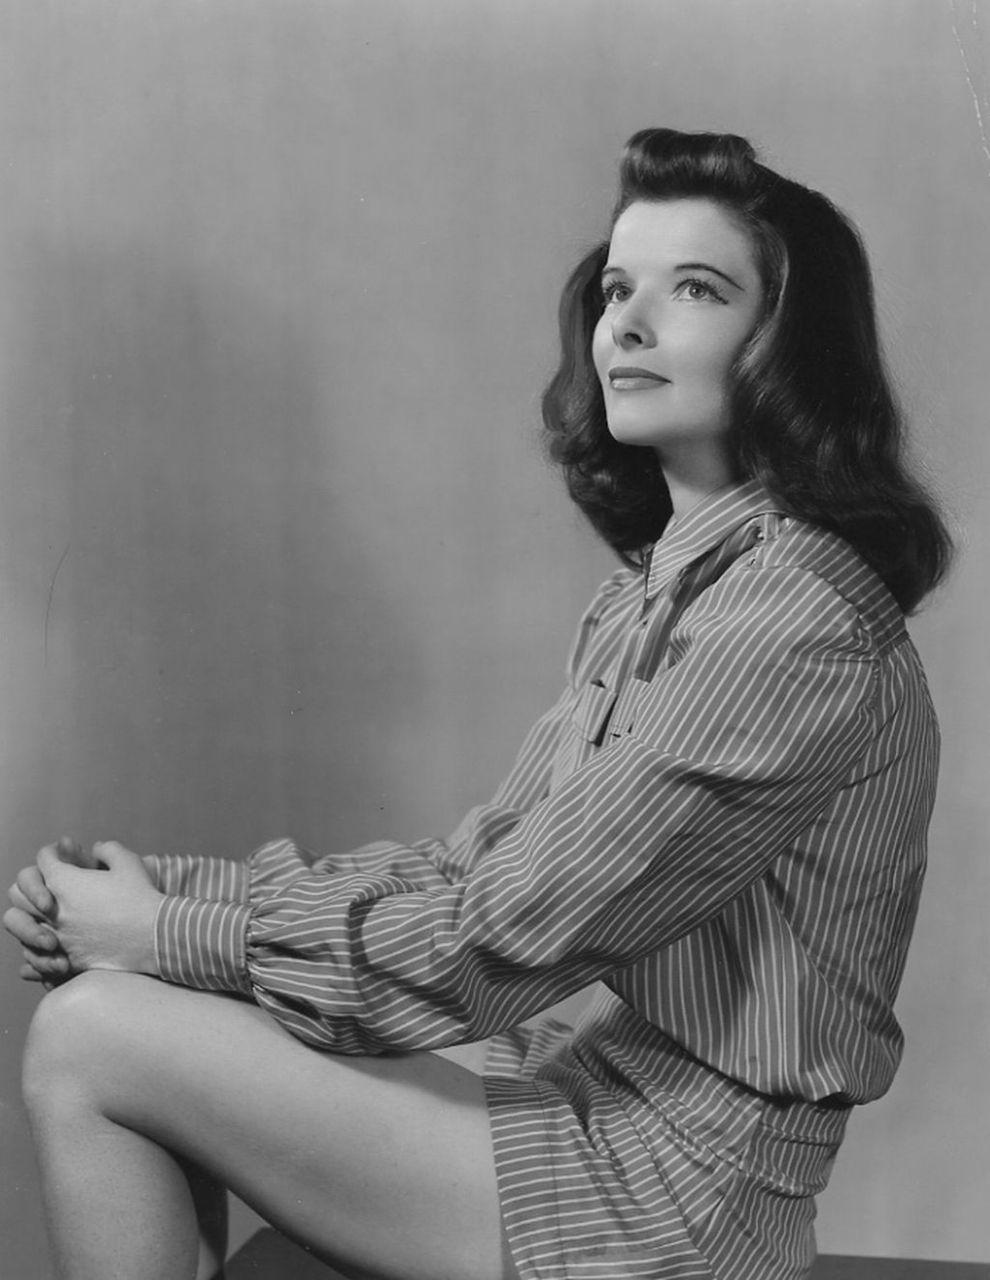 Katherine Hepburn Katharine Hepburn Katherine Hepburn Hepburn